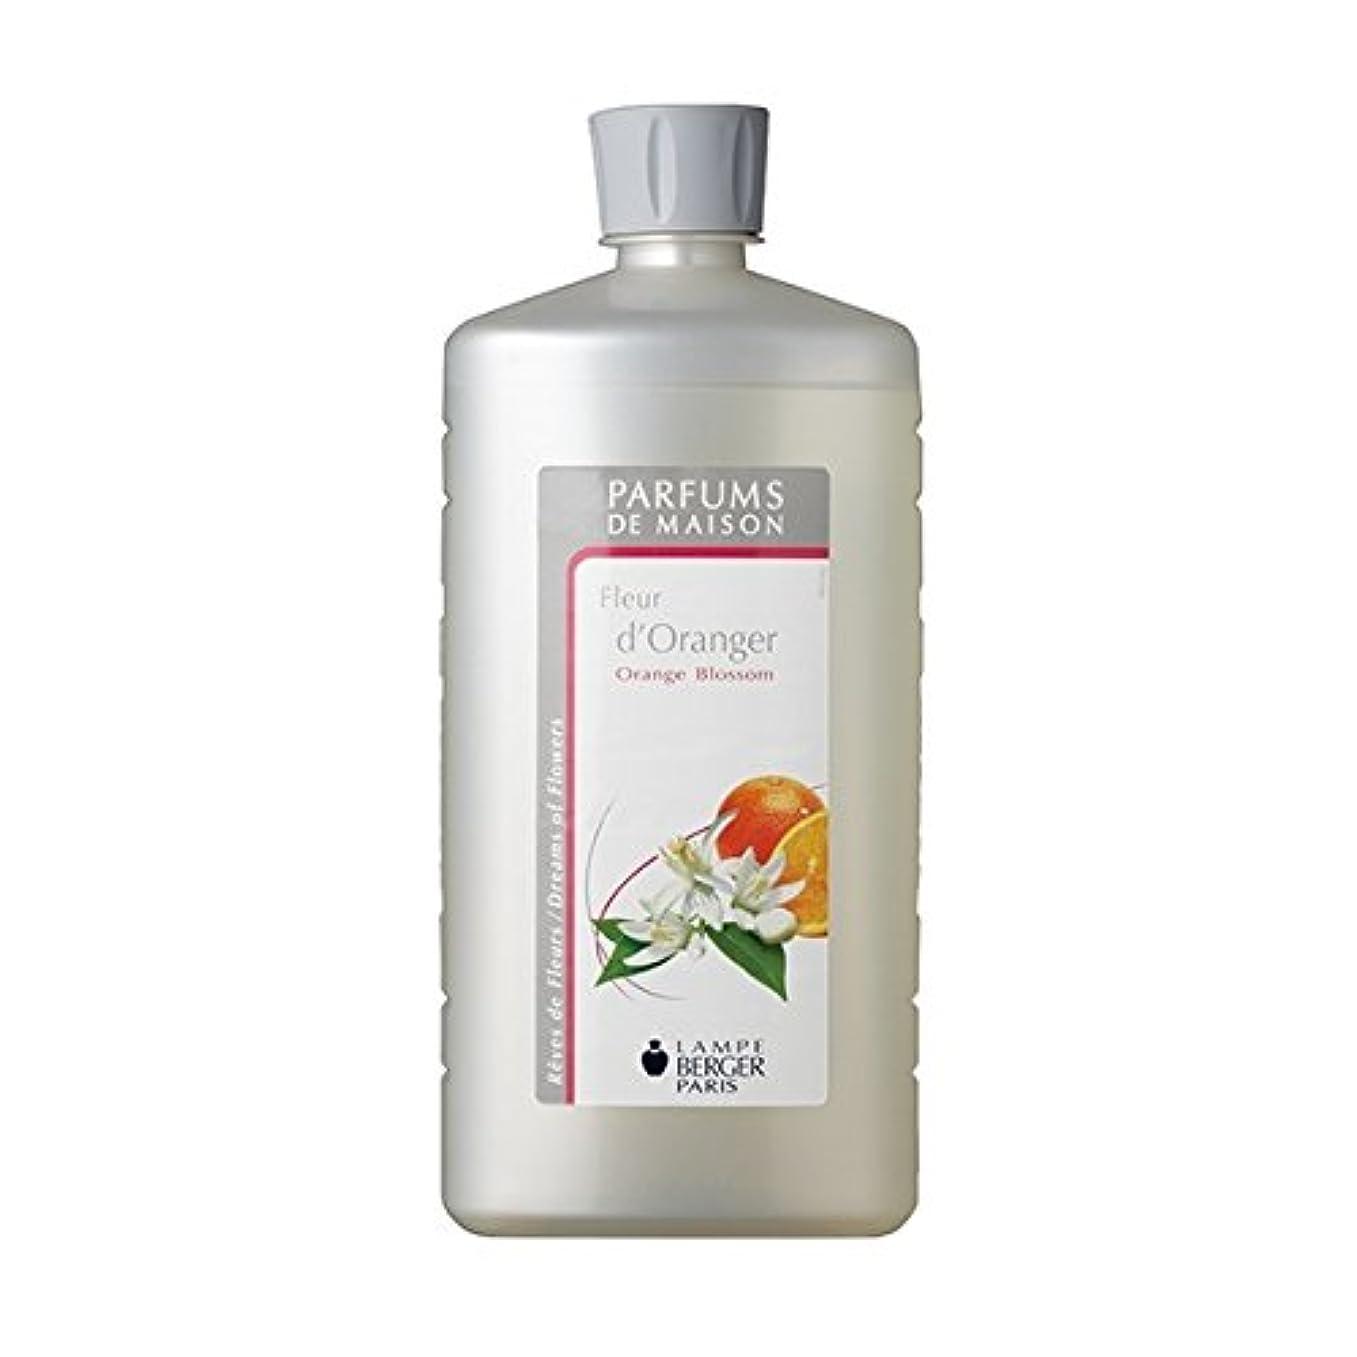 アッパーアクセスチーズランプベルジェオイル(オレンジブロッサム)Fleur d'oranger / Orange Blossom